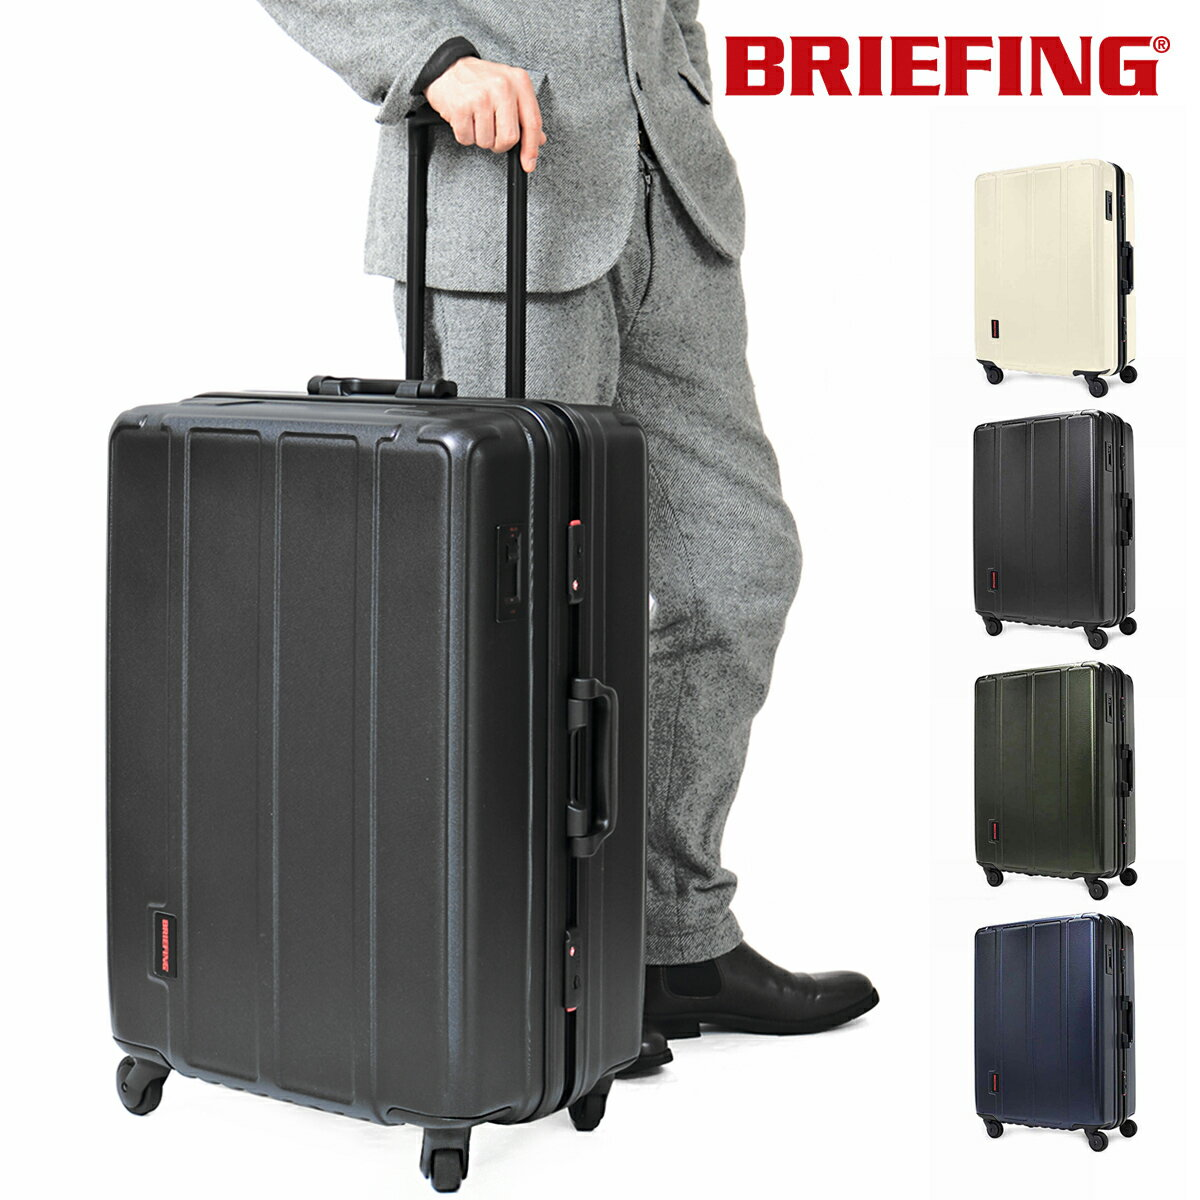 ブリーフィング スーツケース BRF305219 69cm H-100 【 フレームタイプ キャリーケース ハードキャリー TSA ロック搭載 】【即日発送】